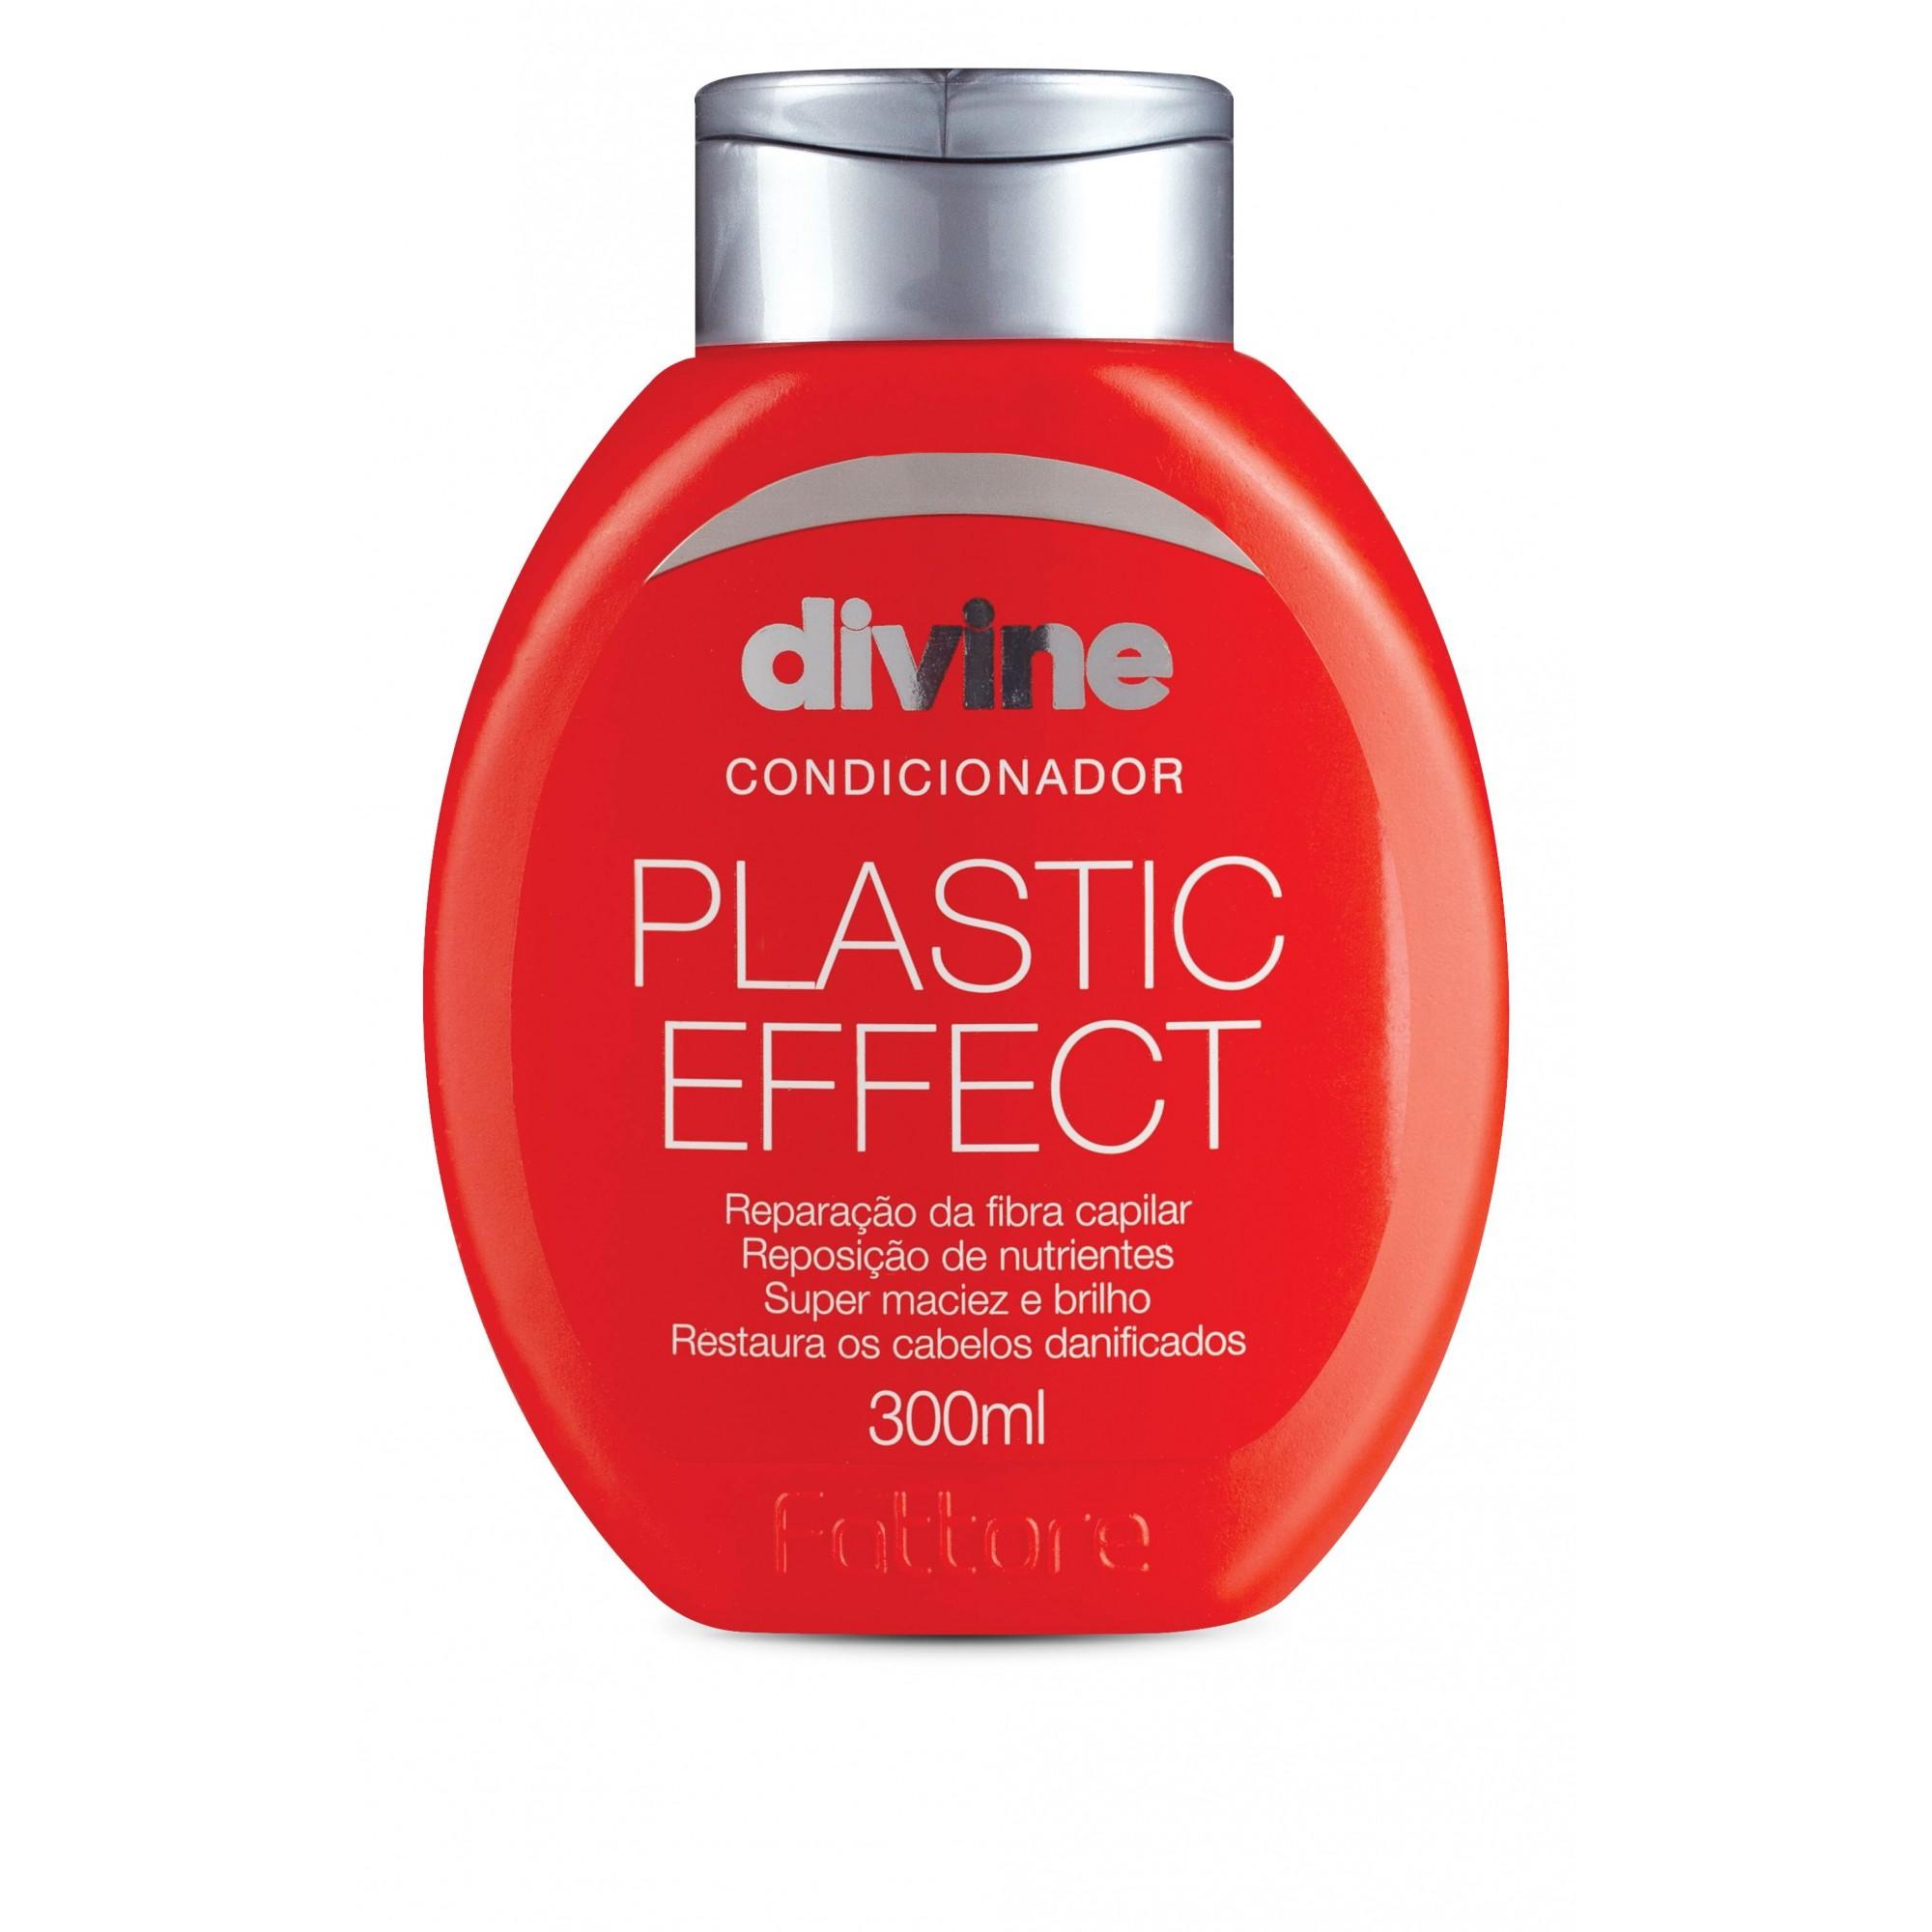 Fattore Condicionador Divine Plastic Effect 300ml